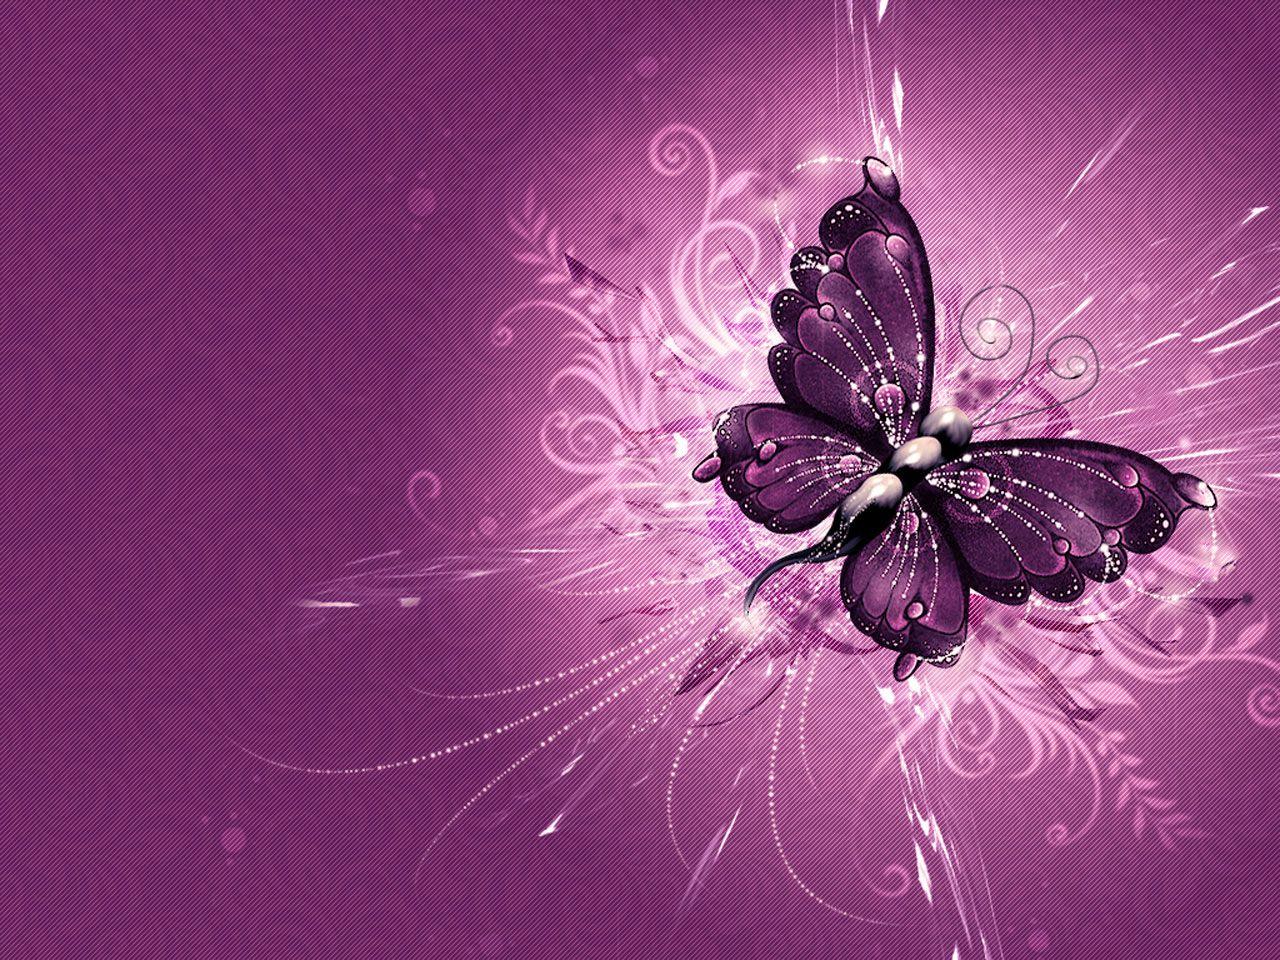 Butterfly Wallpaper Lila Schmetterling Schmetterlingsbilder Lila Tapeten